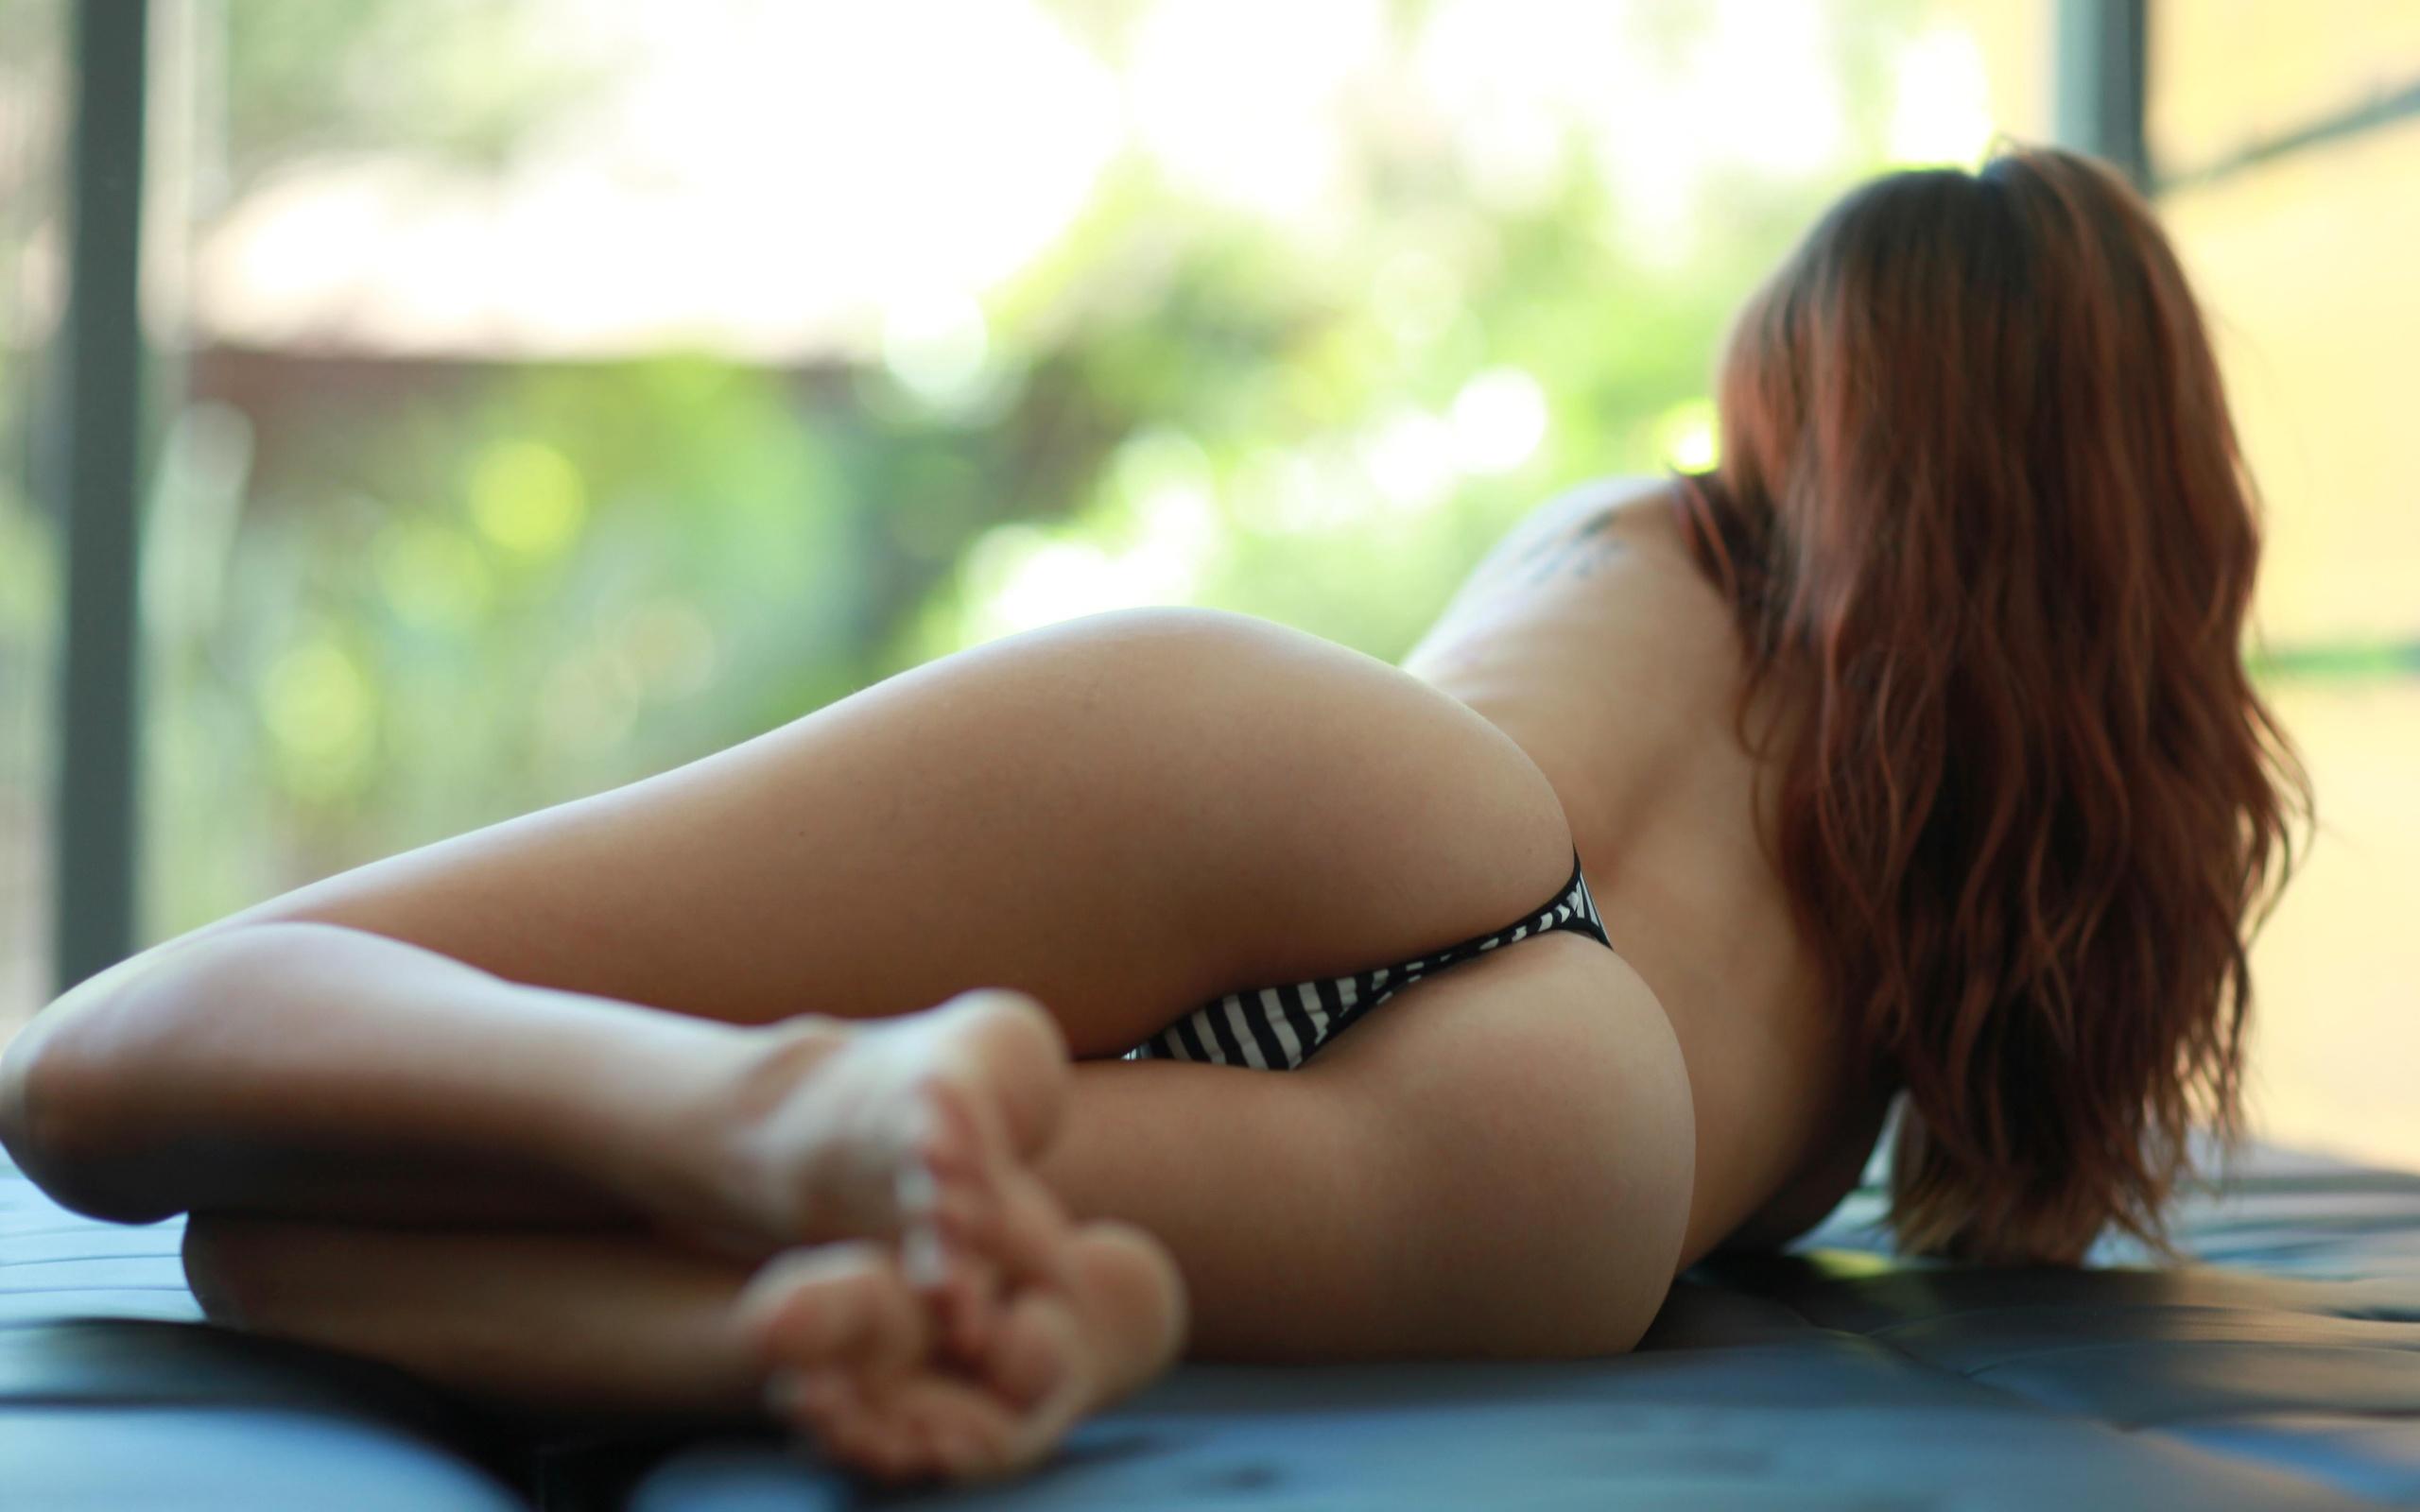 Фото рыжей жопы, массаж превращающийся в секс